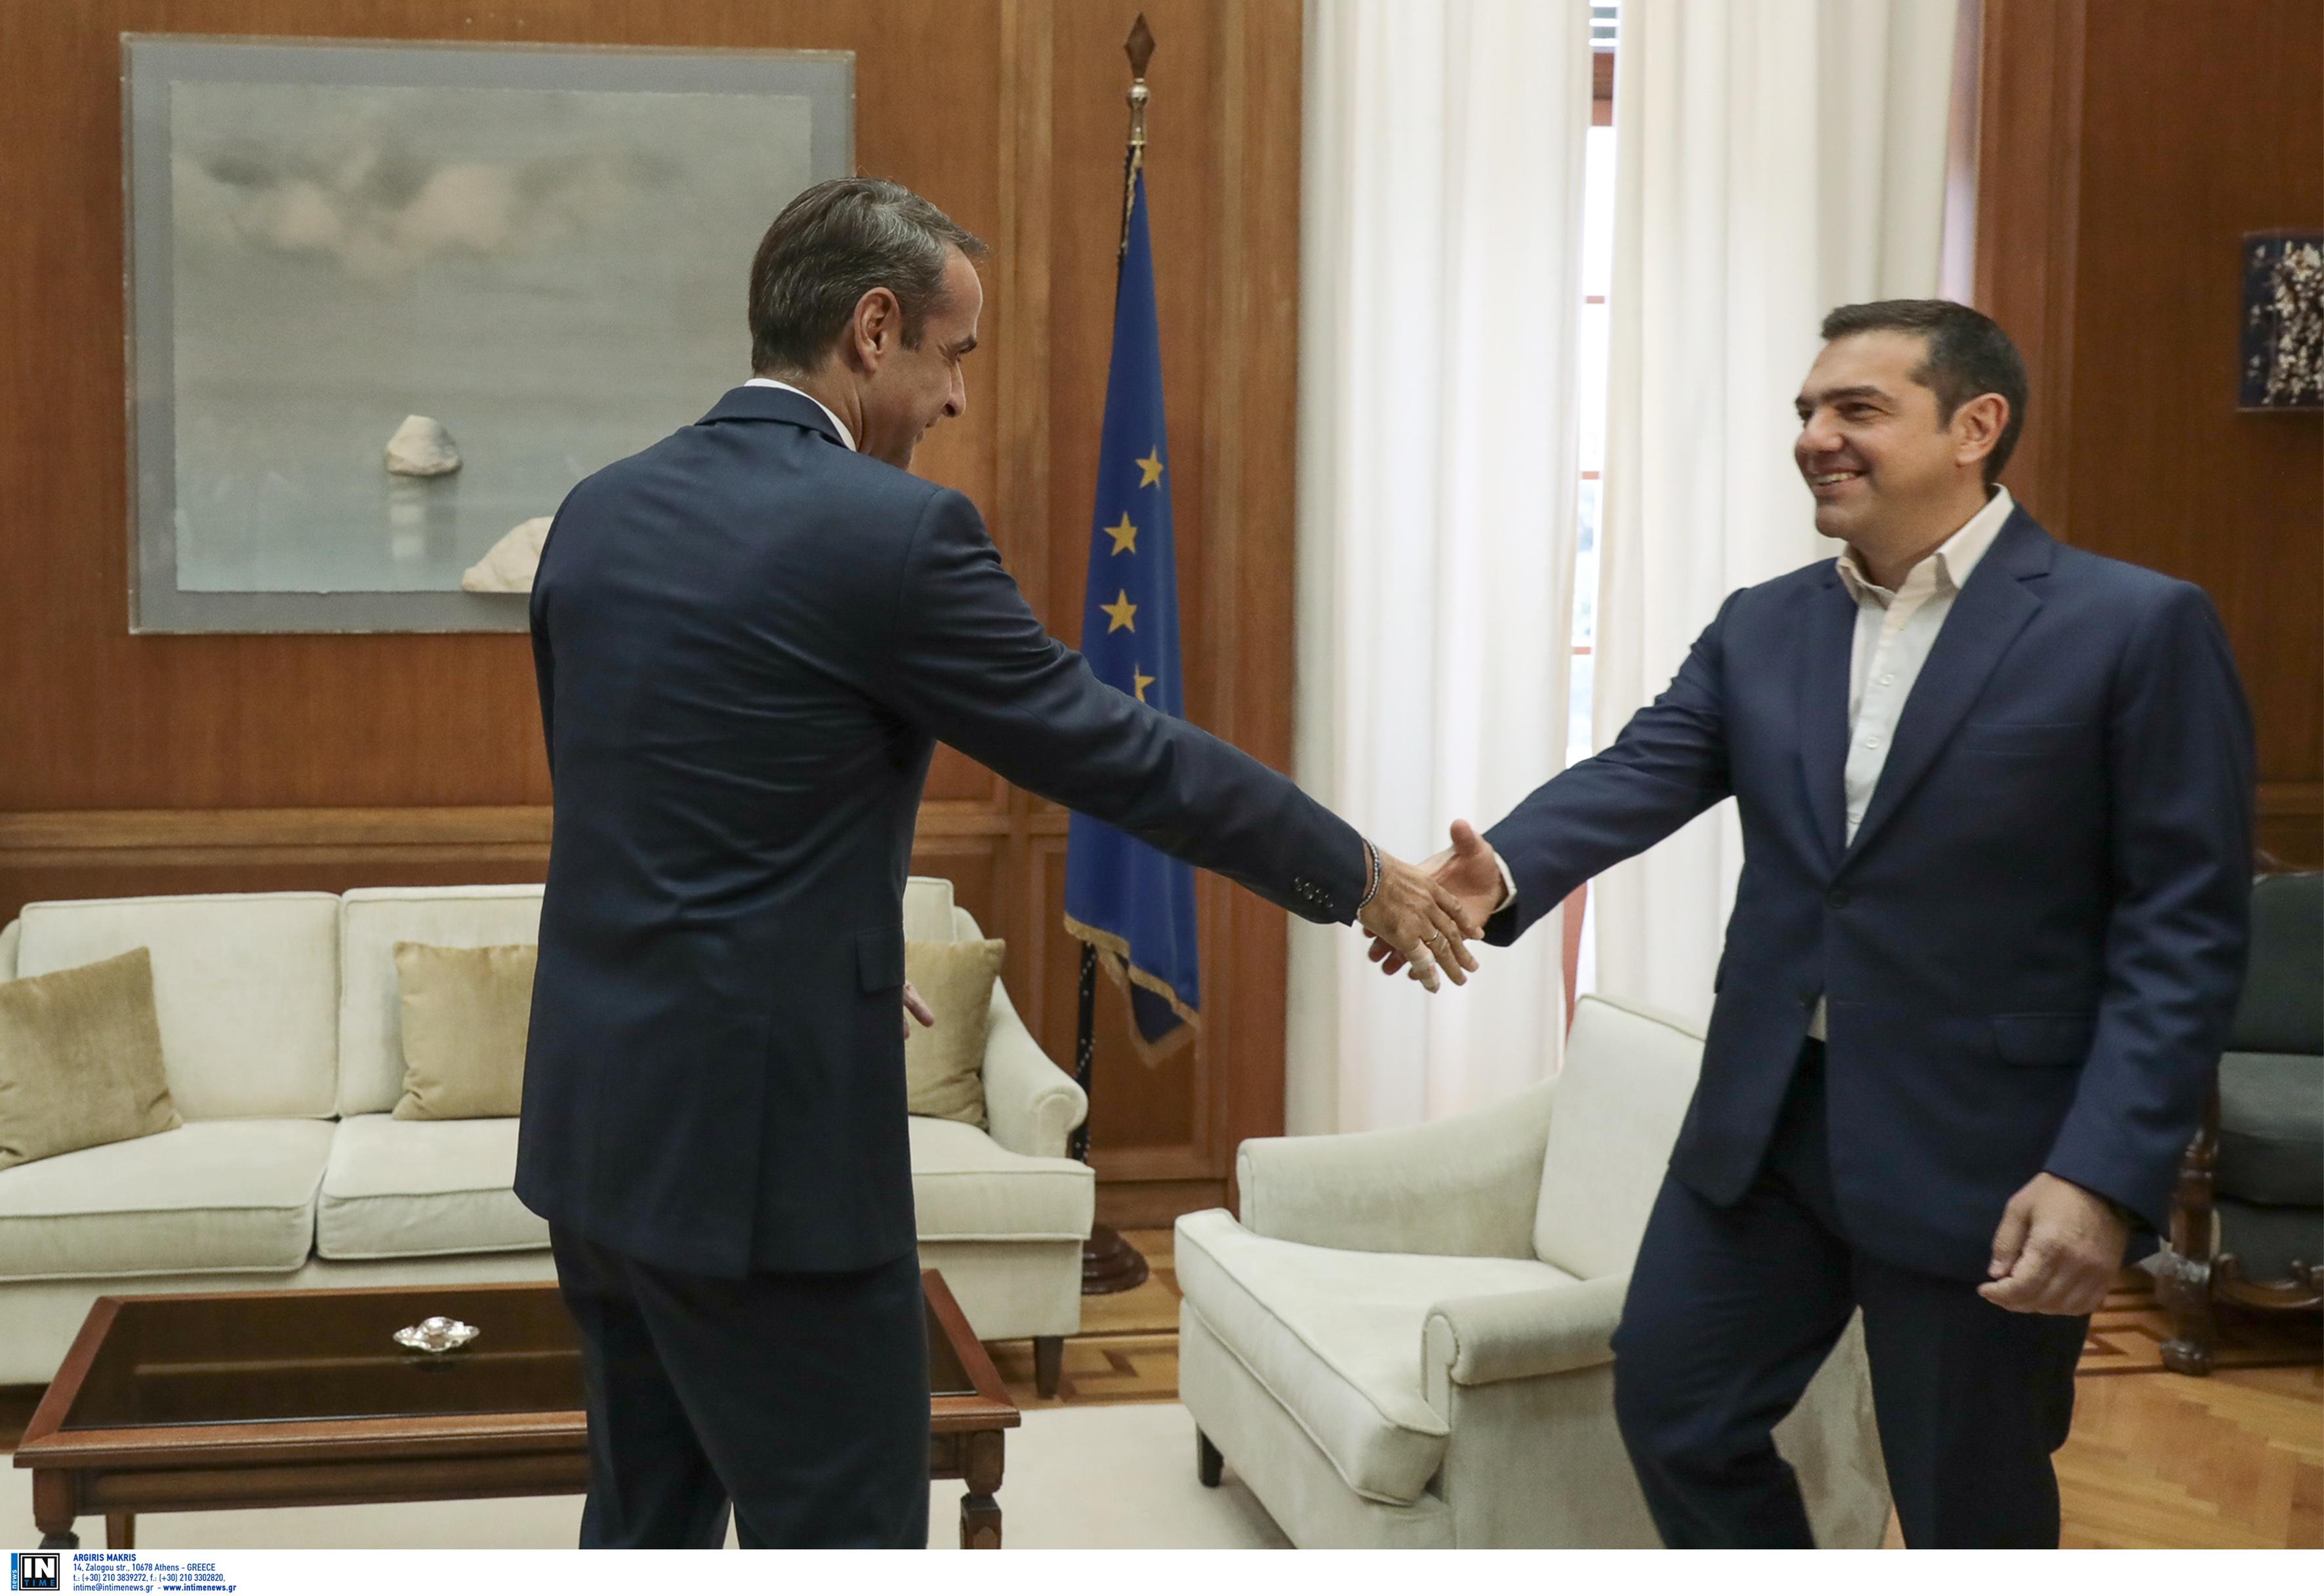 """Αικατερίνη Σακελλαροπούλου: Έτσι κλείδωσε το """"ναι"""" του ΣΥΡΙΖΑ"""